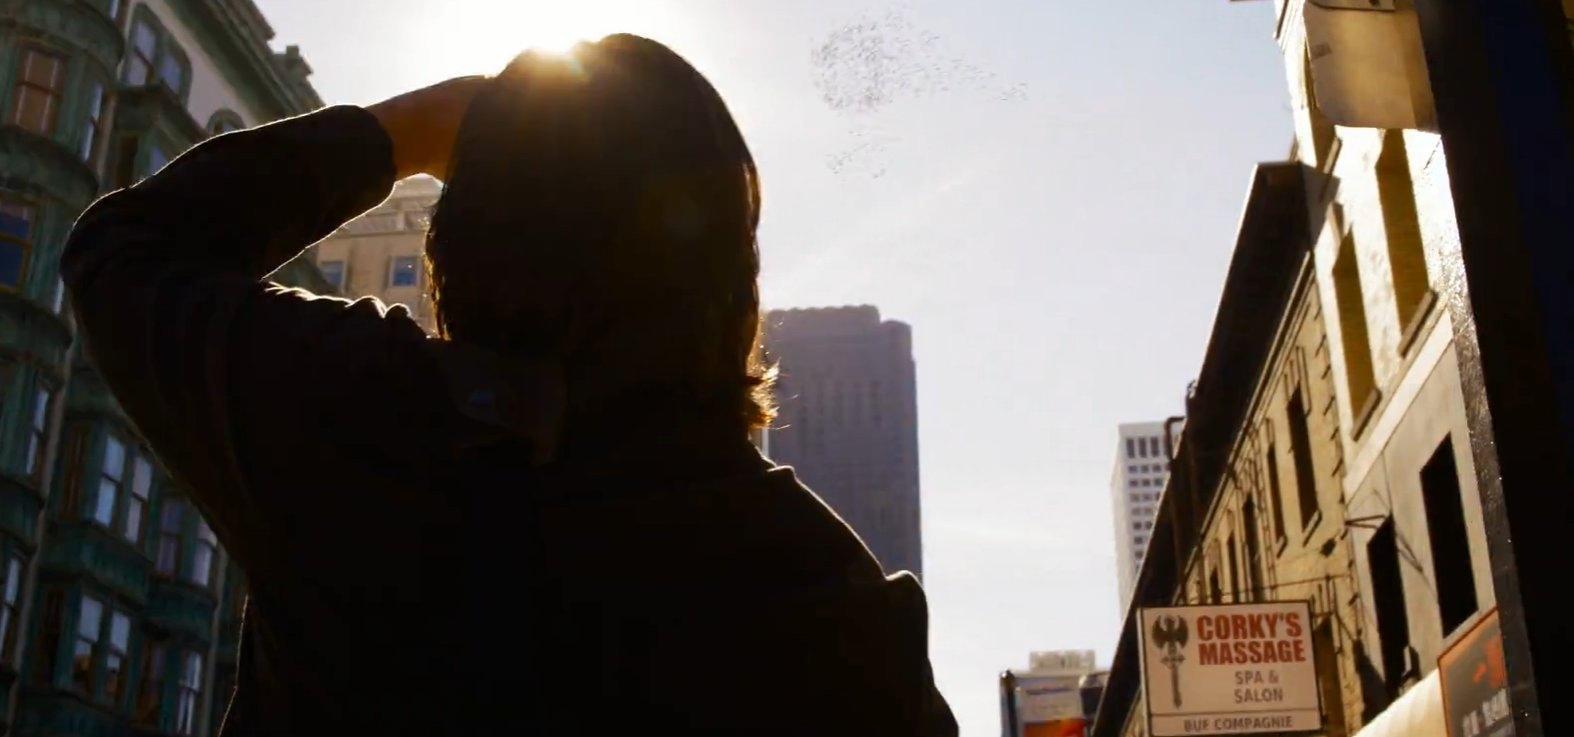 Первые кадры фильма «Матрица 4: Воскрешение» показали Киану Ривза в роли Нео